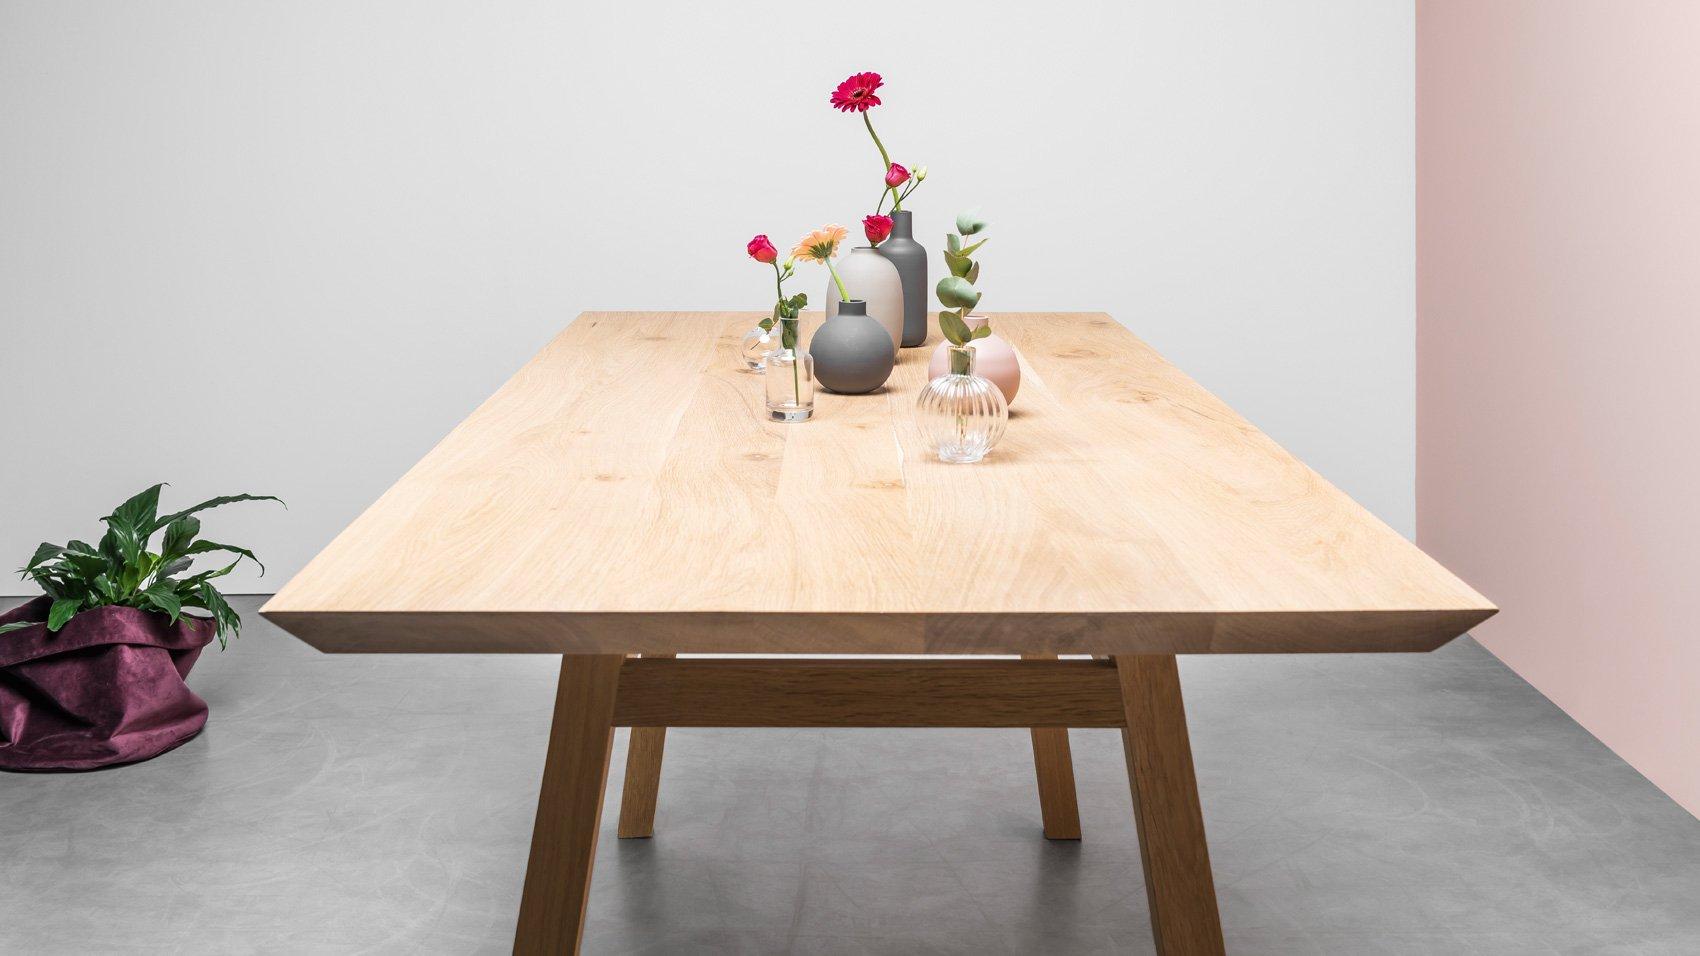 Cały z drewna Stół w stylu skandynawskim do jadalni wykonany z litego drewna dębowego na zamówienie - Stół George od Hoom